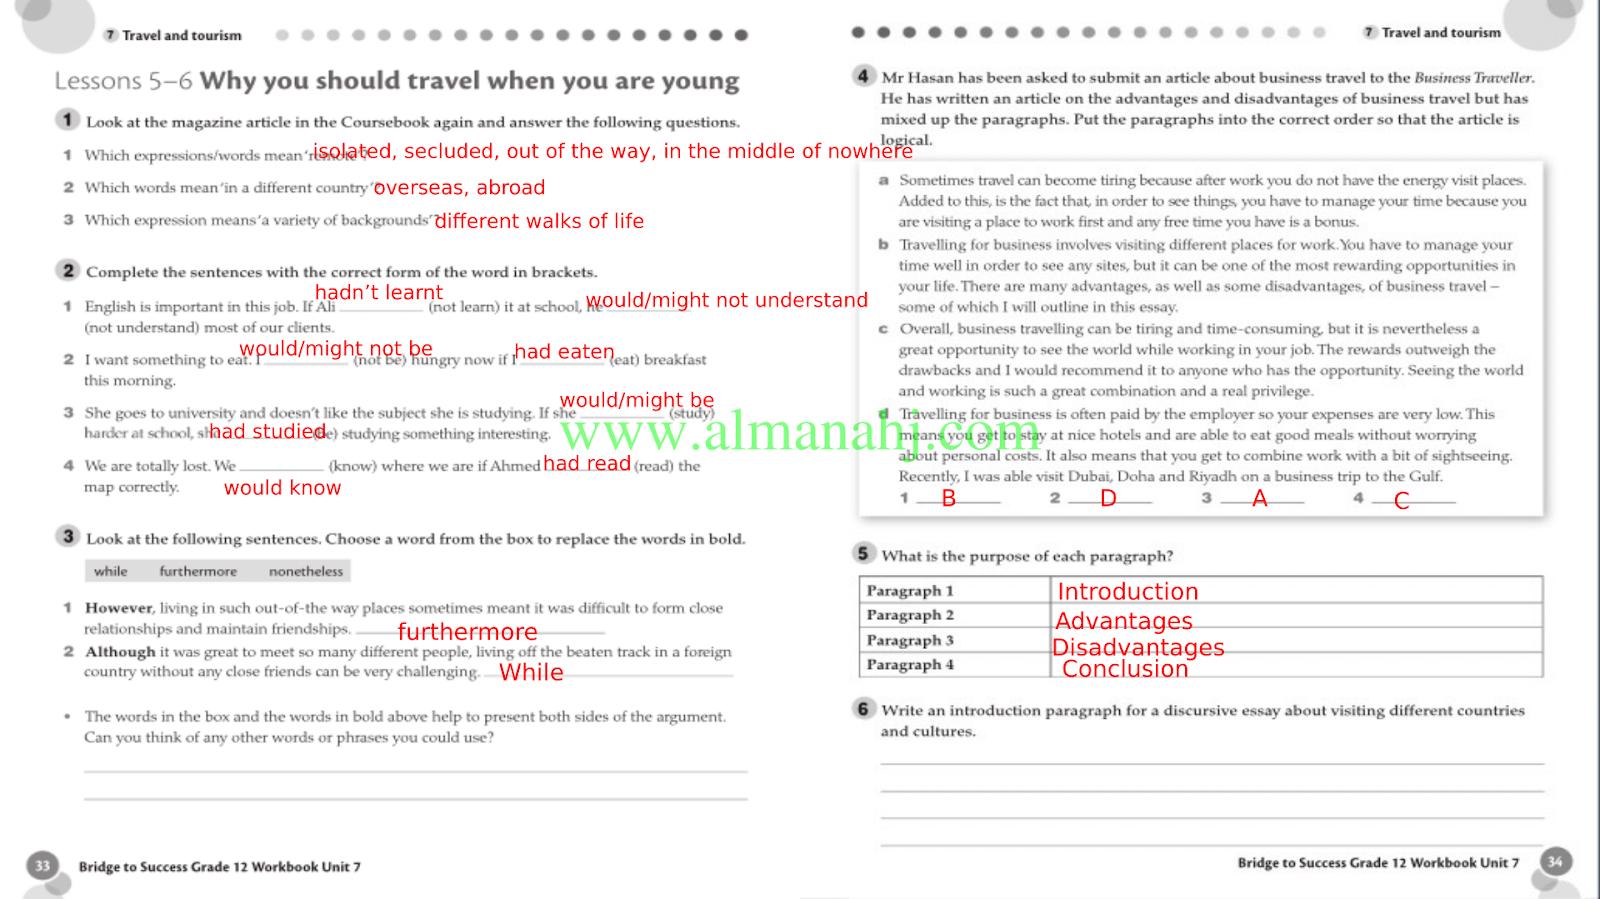 حل كتاب اللغة الإنجليزية للصف التاسع workbook ليبيا